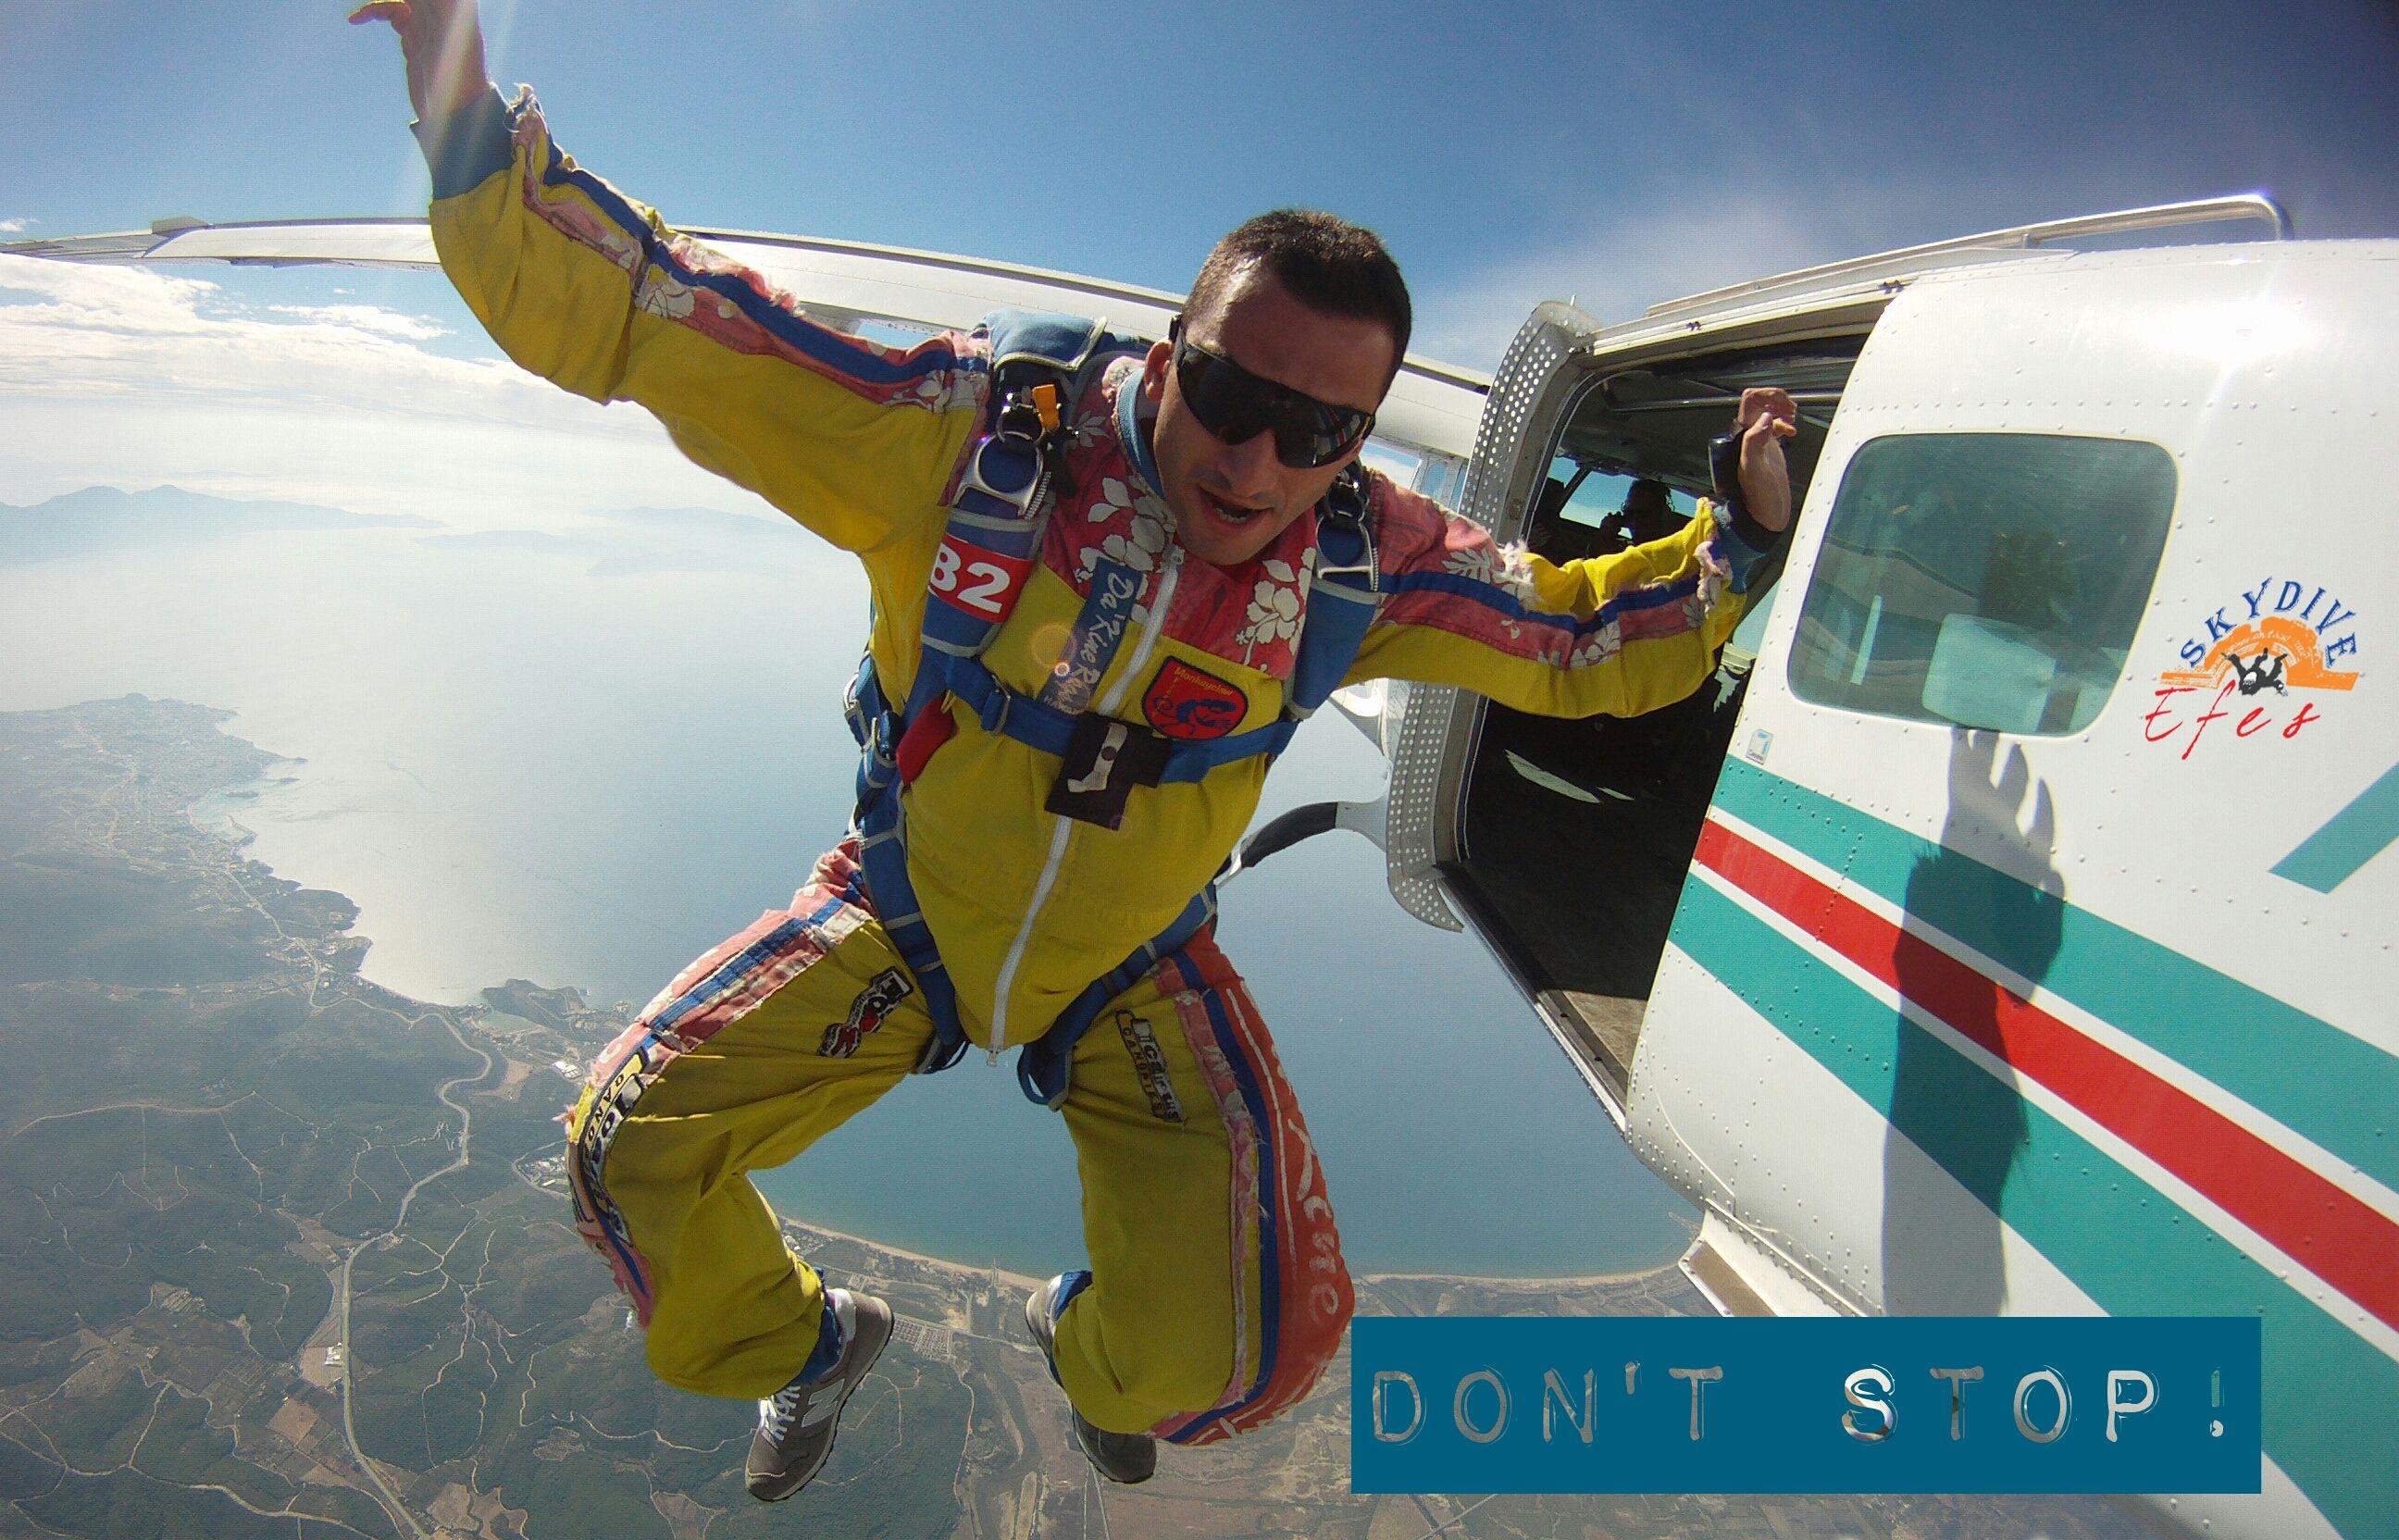 #skydiveefes #skydiving #ephesus #efesdropzone #efesdz #ephesusdropzone #dropzoneefes #skydiveturkey #justjump #tandem  #bendeatladim #freefly #skydiving #parasut #skydivers